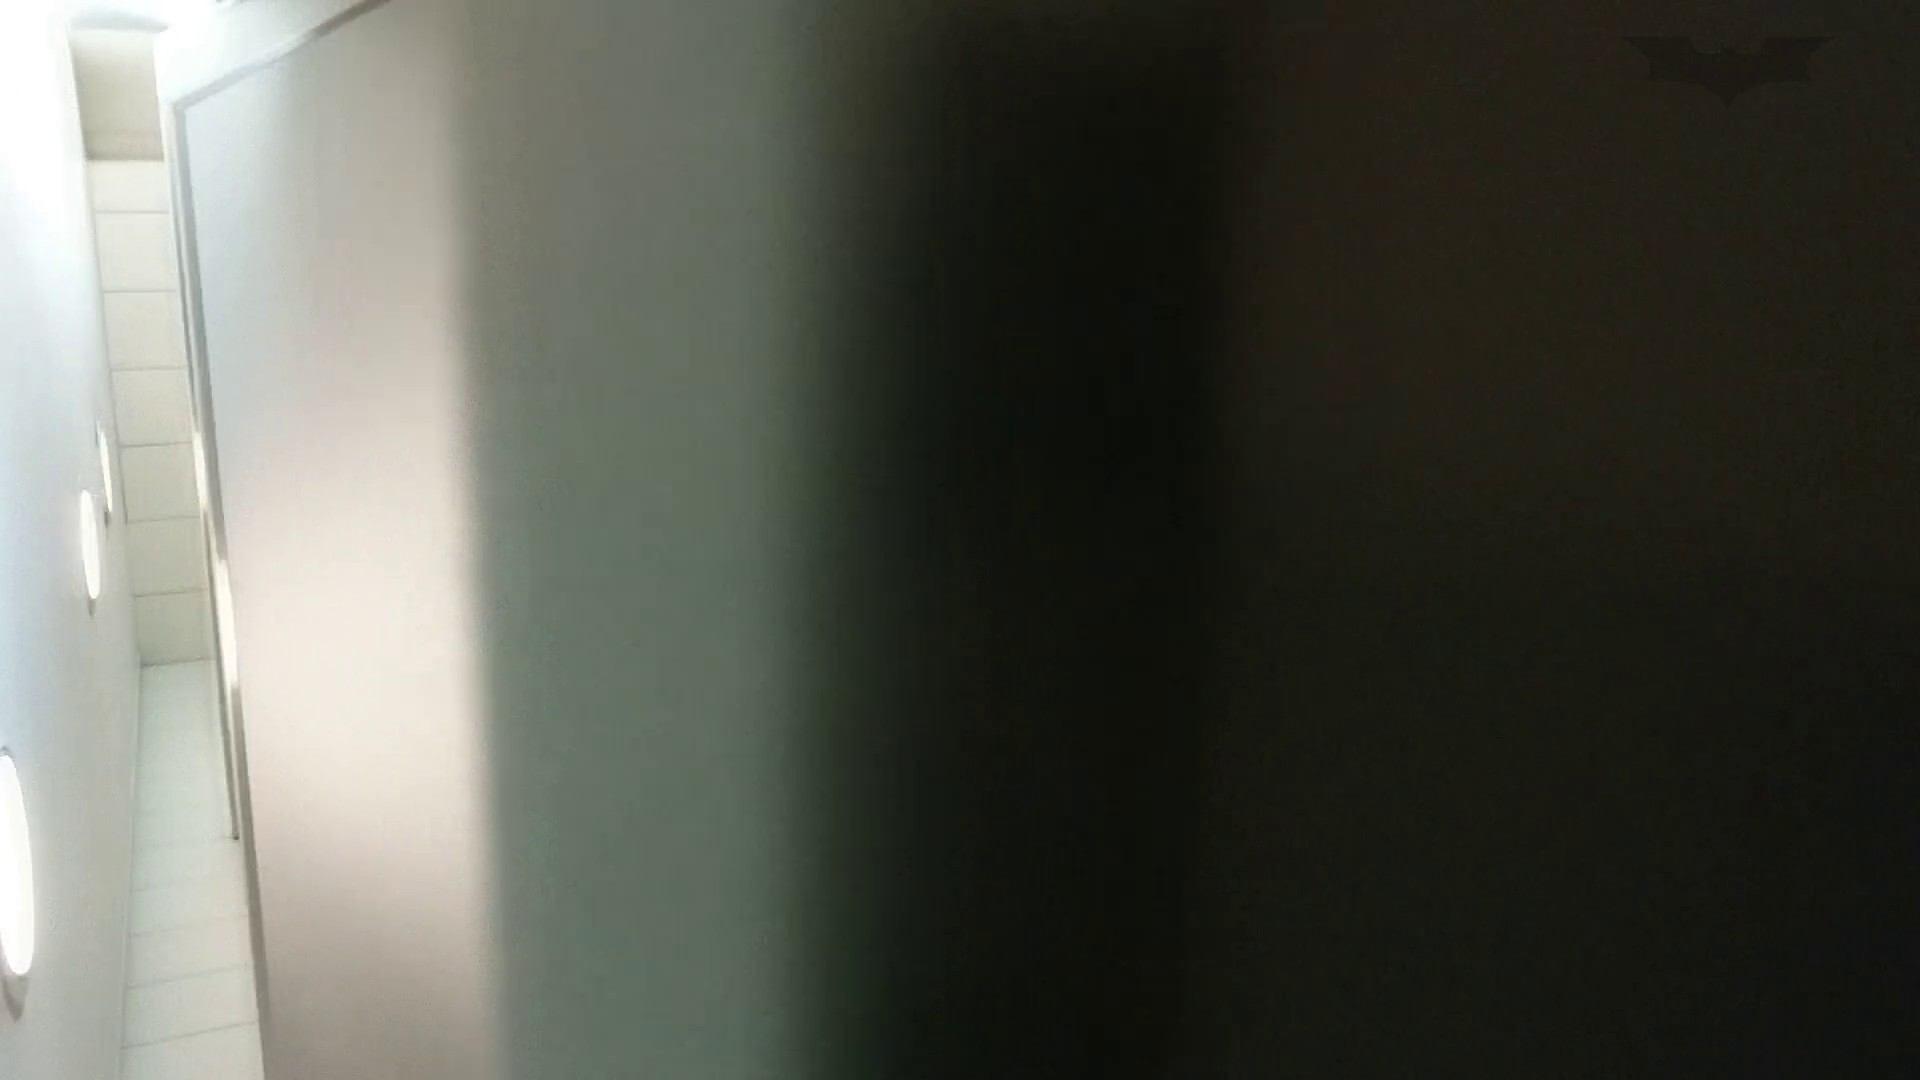 化粧室絵巻 ショッピングモール編 VOL.15 盛合せ ワレメ無修正動画無料 107枚 83